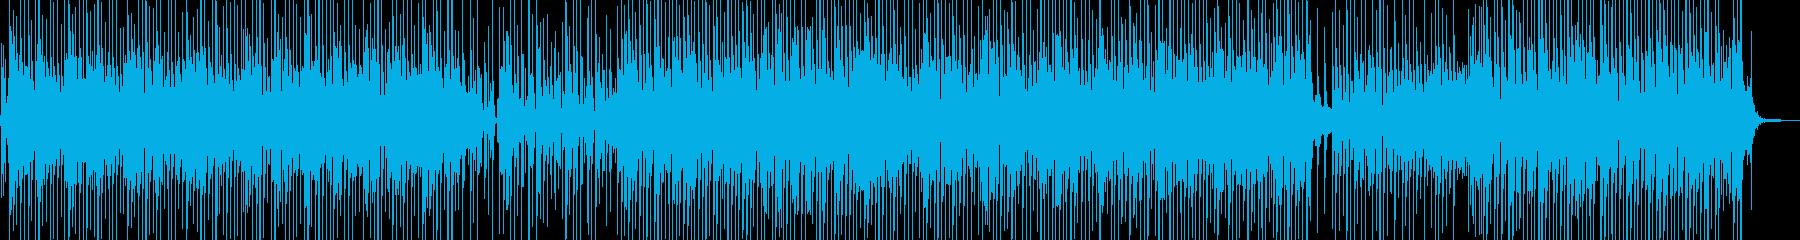 ほのぼの・バカンスイメージのレゲェの再生済みの波形